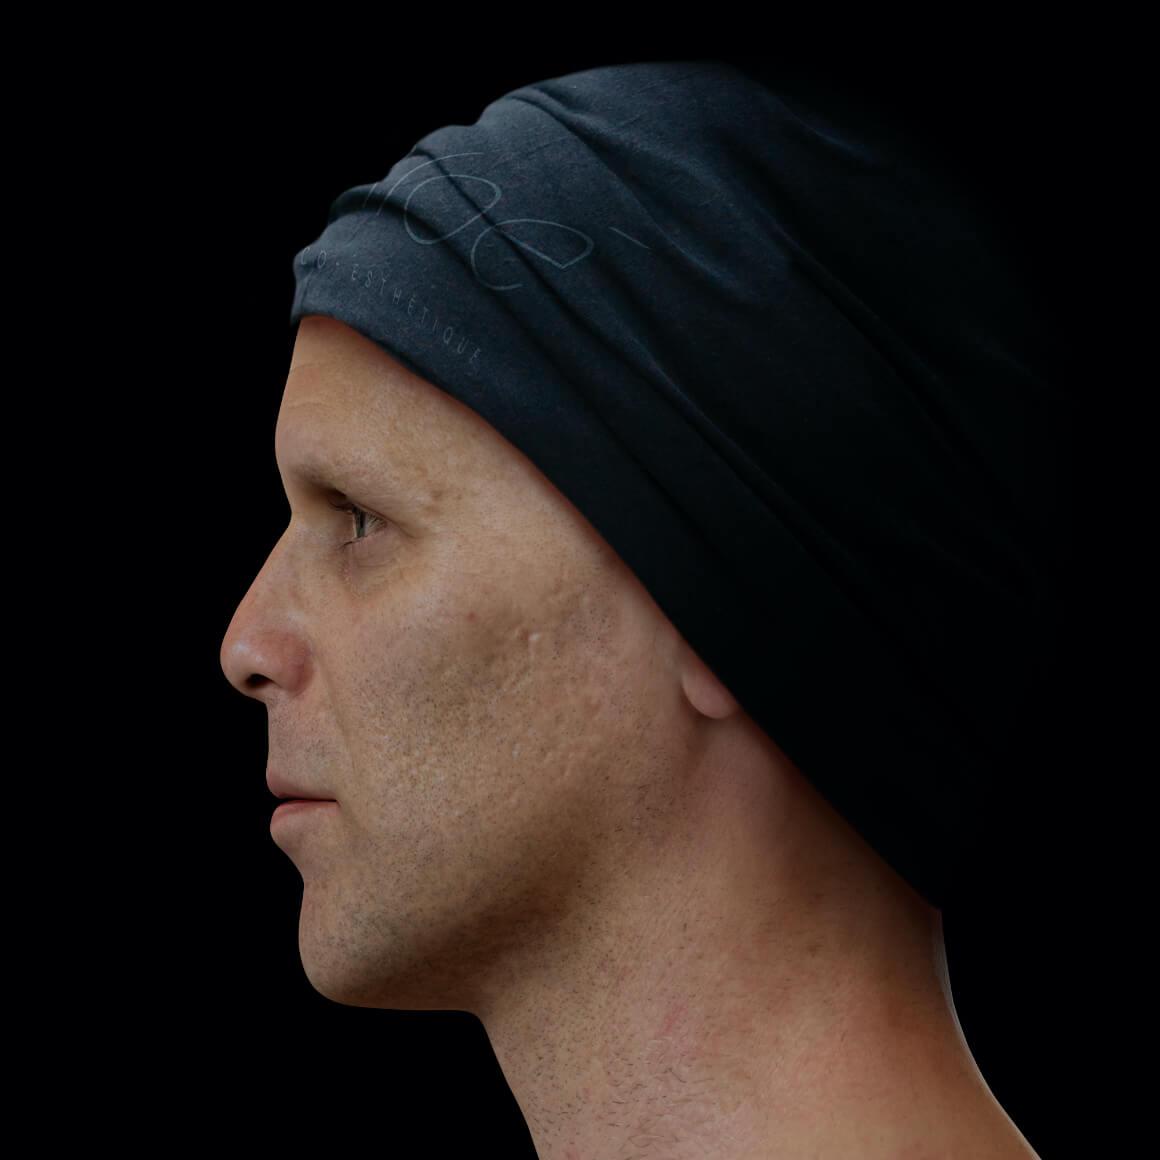 Patient de la Clinique Chloé de côté après des traitements de microneedling pour traiter des cicatrices d'acné au visage